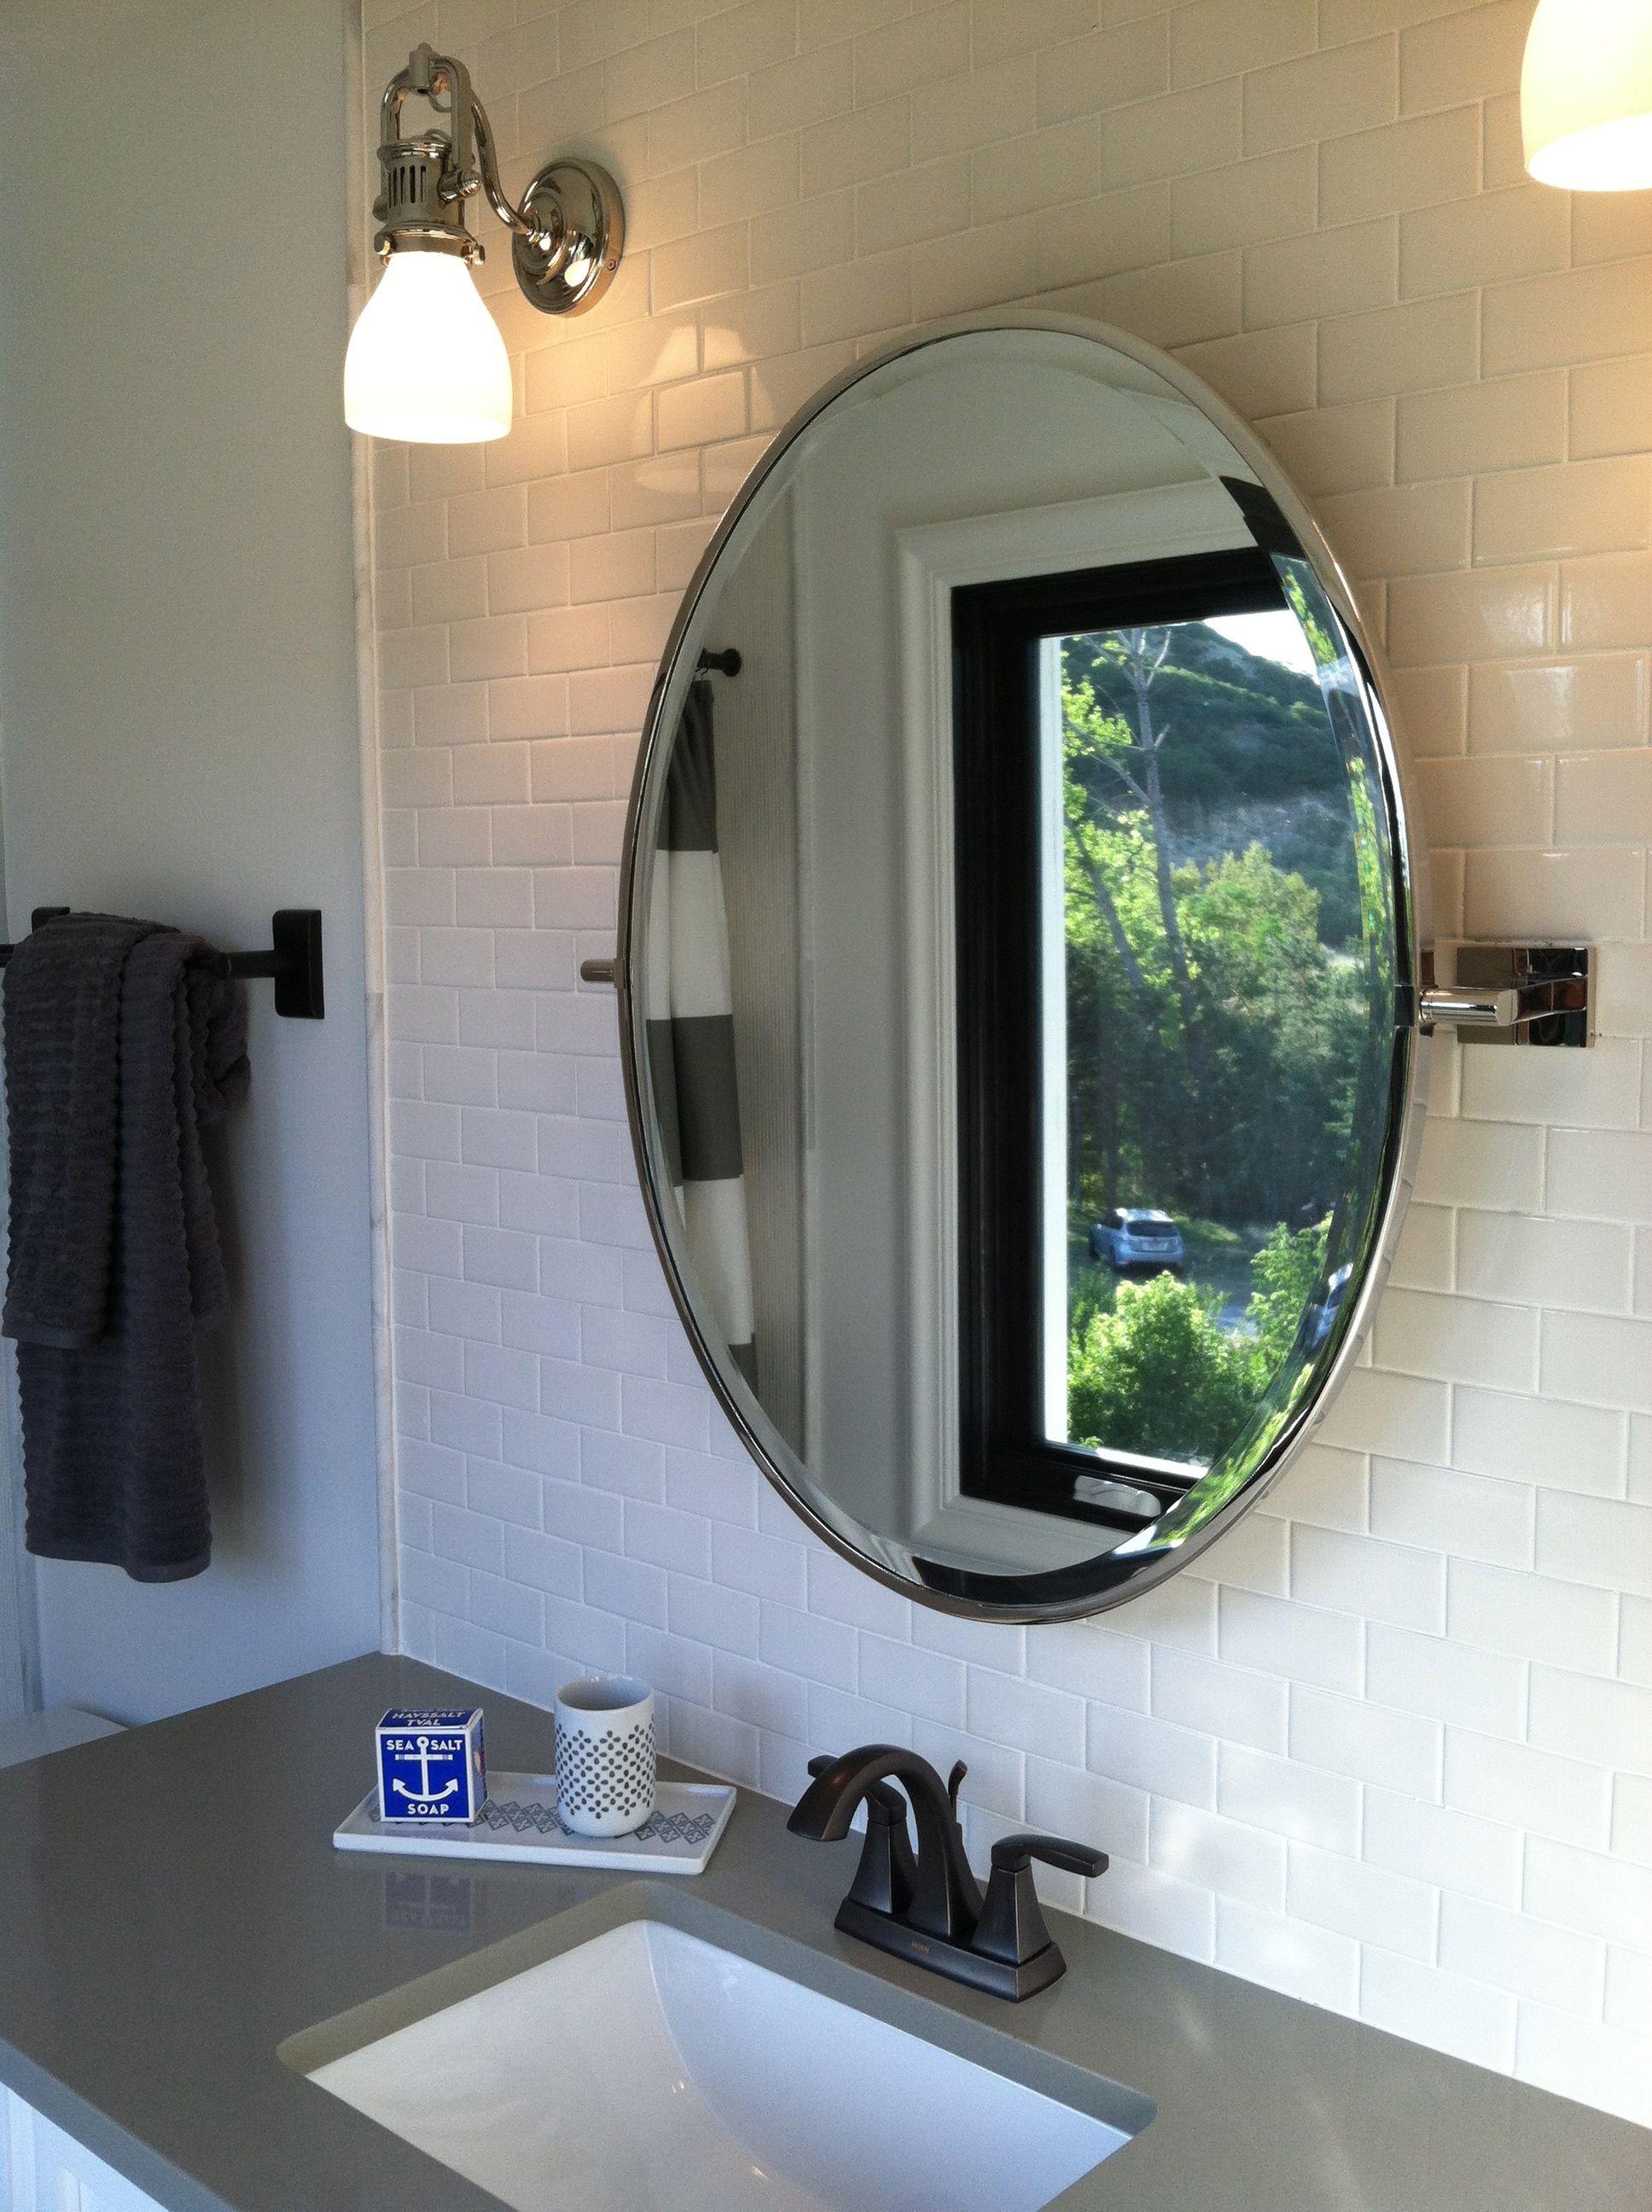 Round Bathroom Mirror Decor Ideas Pinterest Round Bathroom Mirror Bathroom Mirrors And Bath